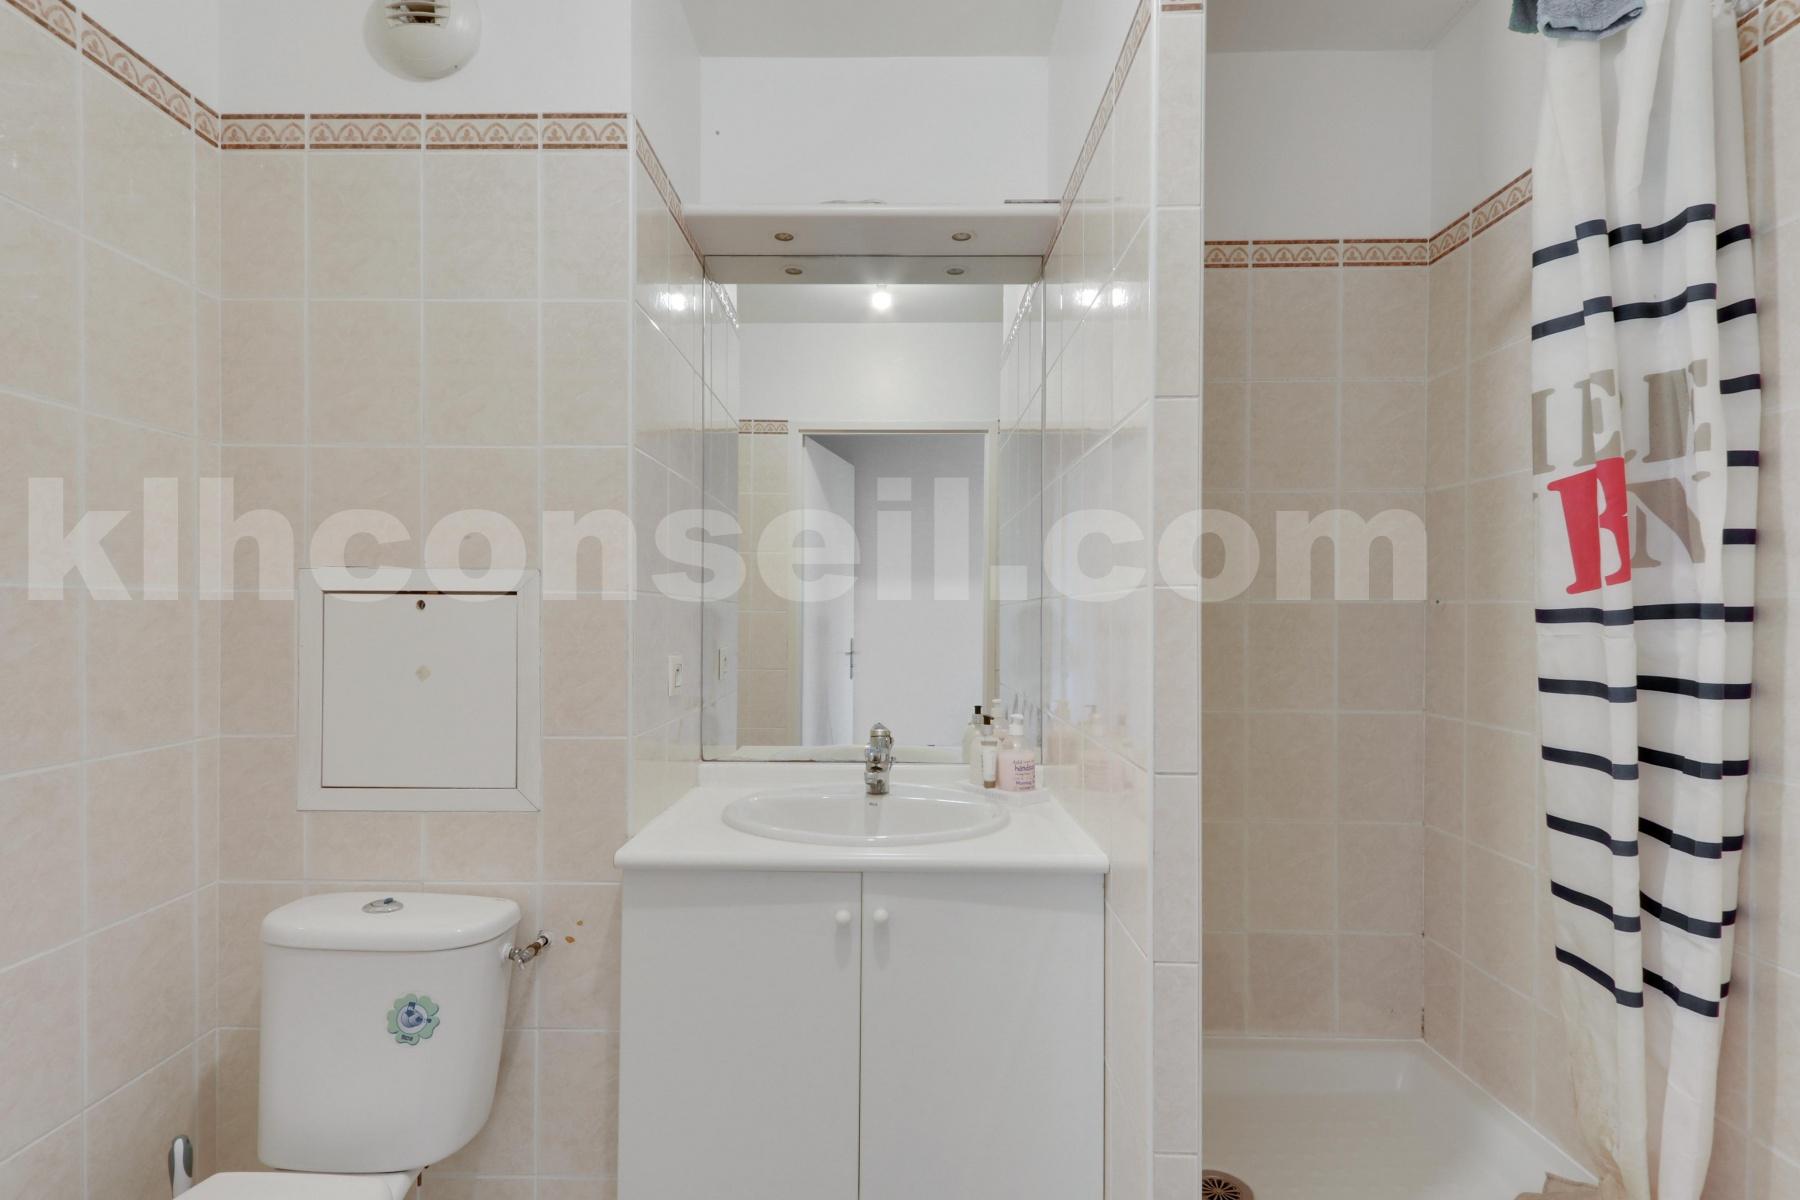 Vente Appartement de 4 pièces 89 m² - COLOMBES 92700 | KLH Conseil -  photo9